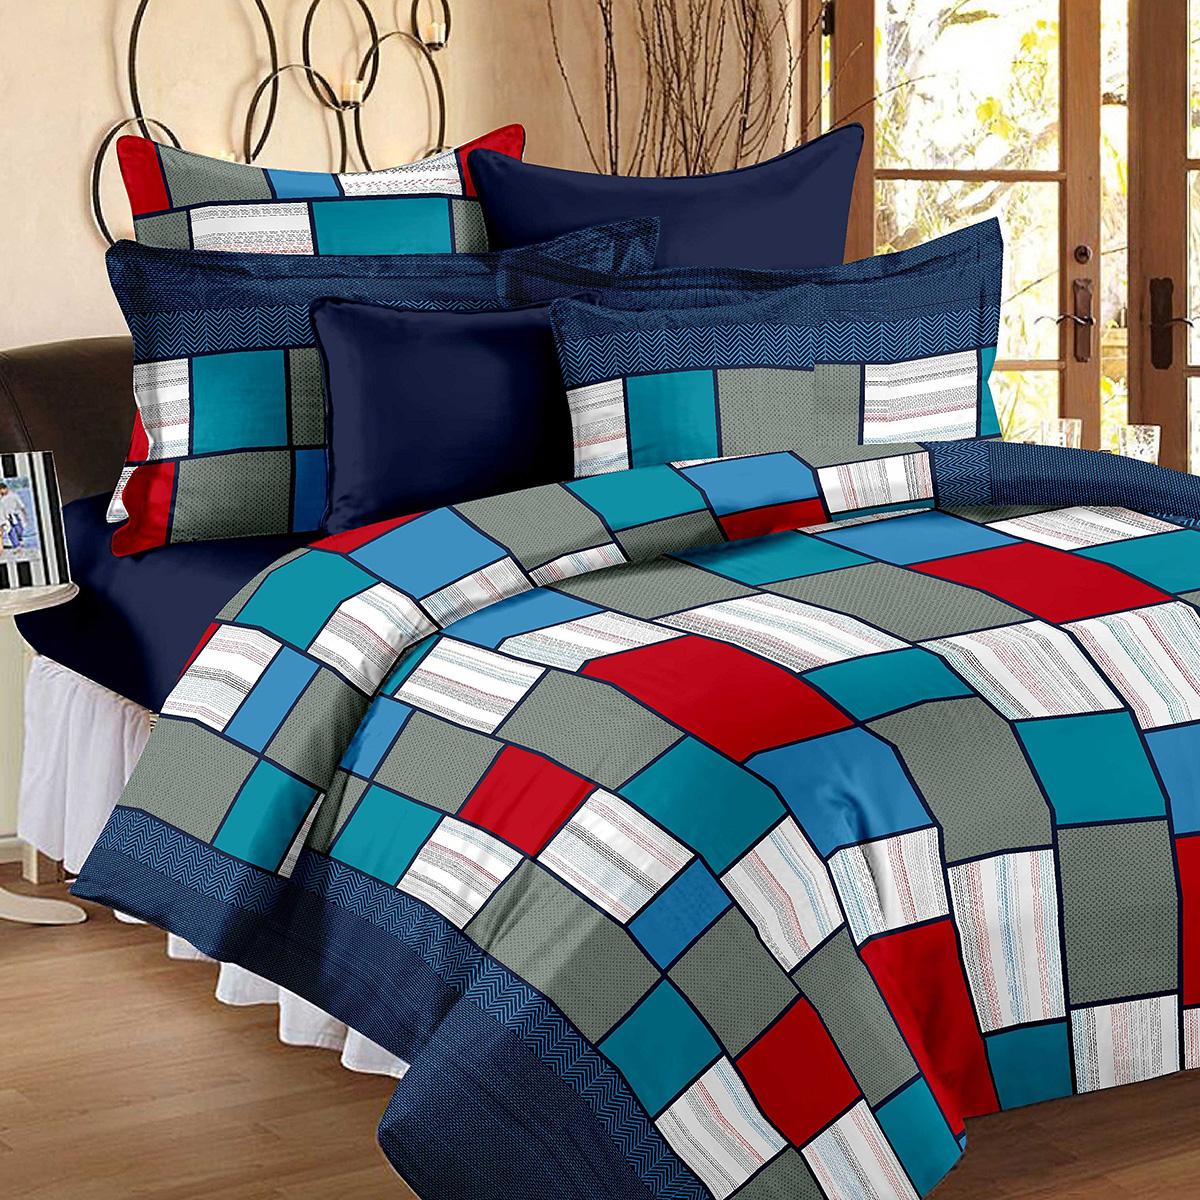 Yatak örtüsü kullanmak, yatağınızın ömrünü uzatmak için bir can simidi gibidir.